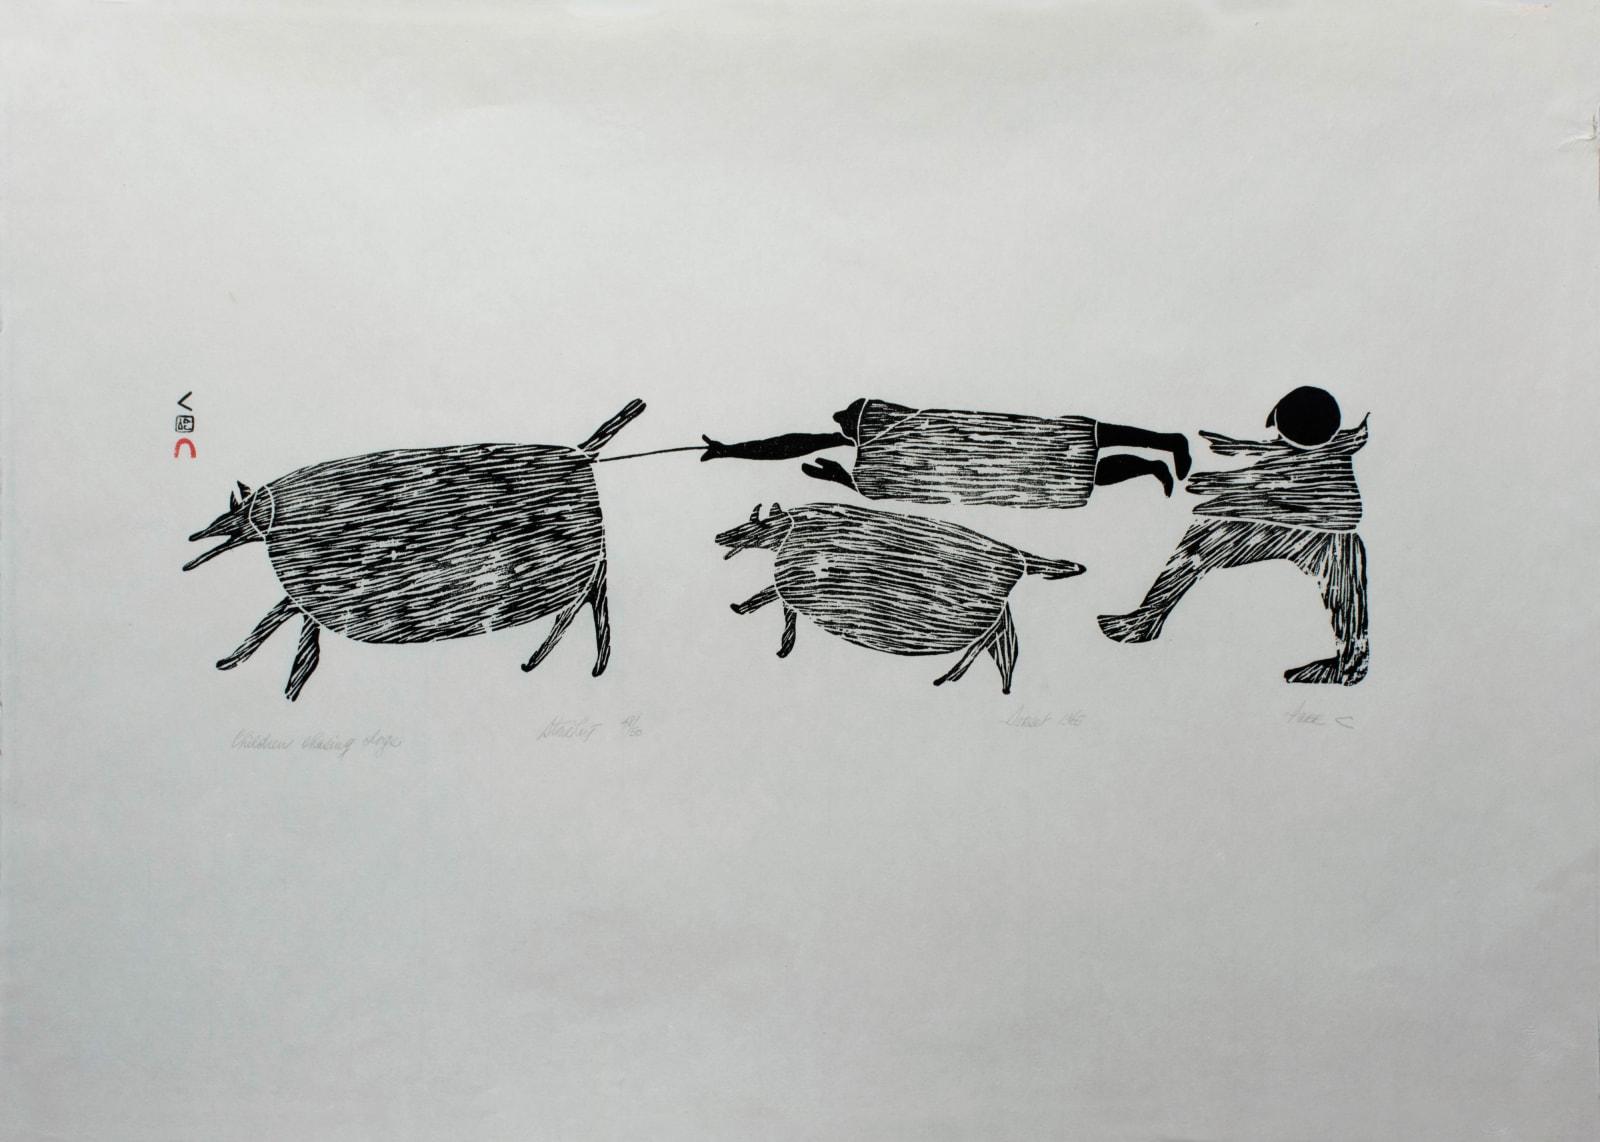 PARR (1893-1969) KINNGAIT (CAPE DORSET) Children Chasing Dogs, 1965 (1966 #3) stonecut, 24 x 34 in (61 x 86.4 cm) $3,500